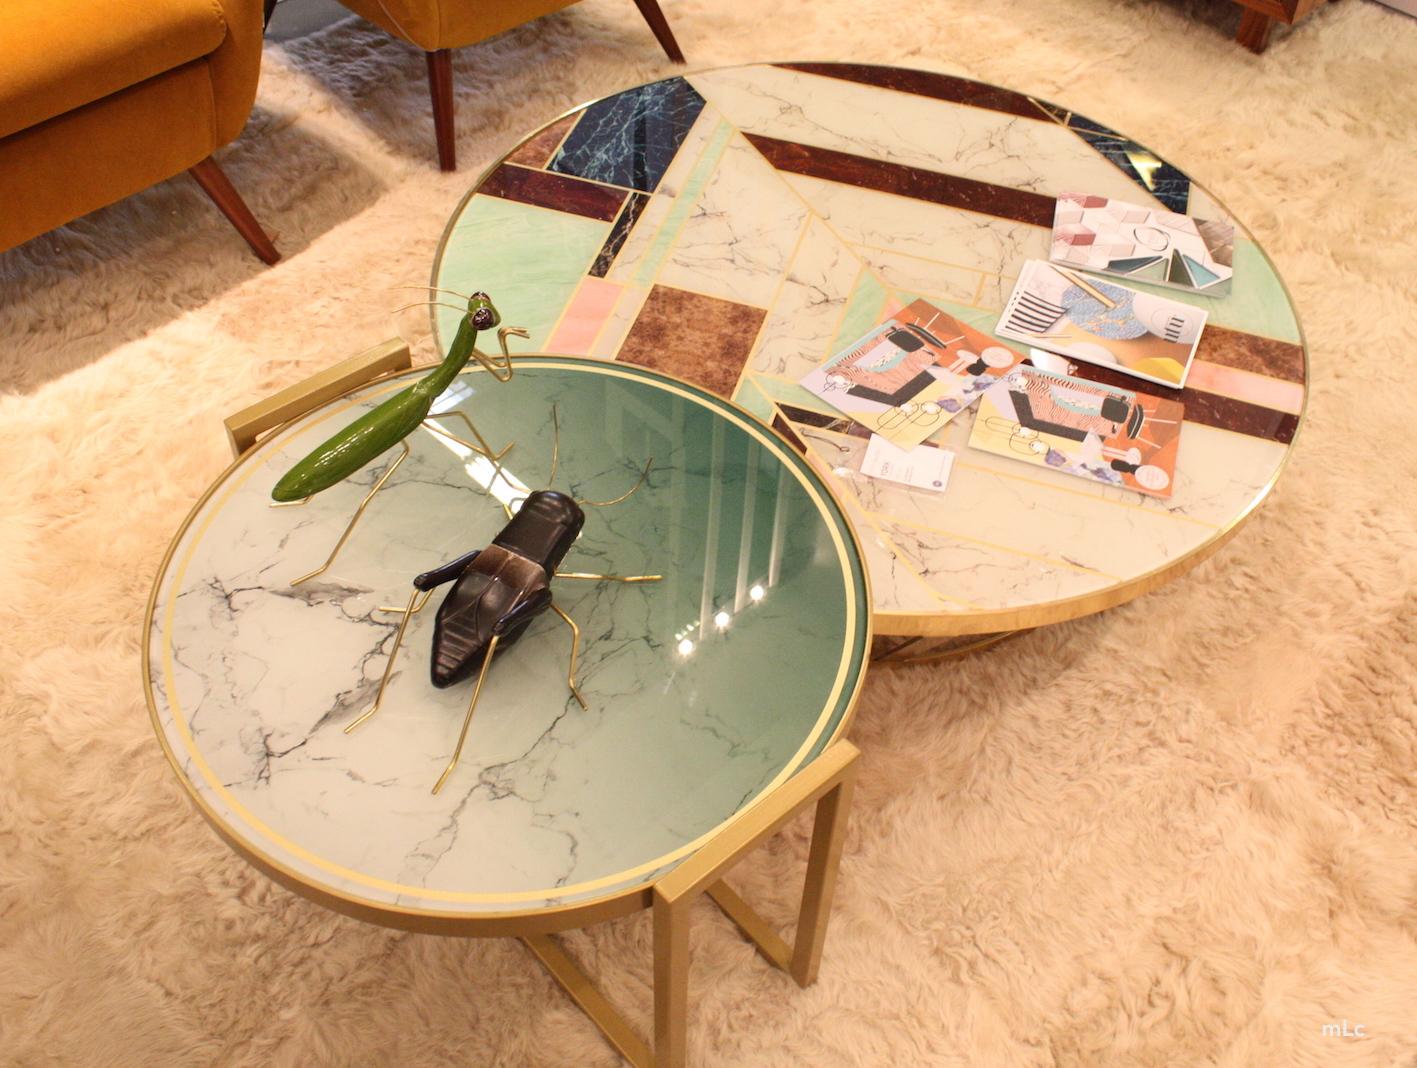 tendance deco maison et objet hivers 2018 le blog d co de mlc. Black Bedroom Furniture Sets. Home Design Ideas